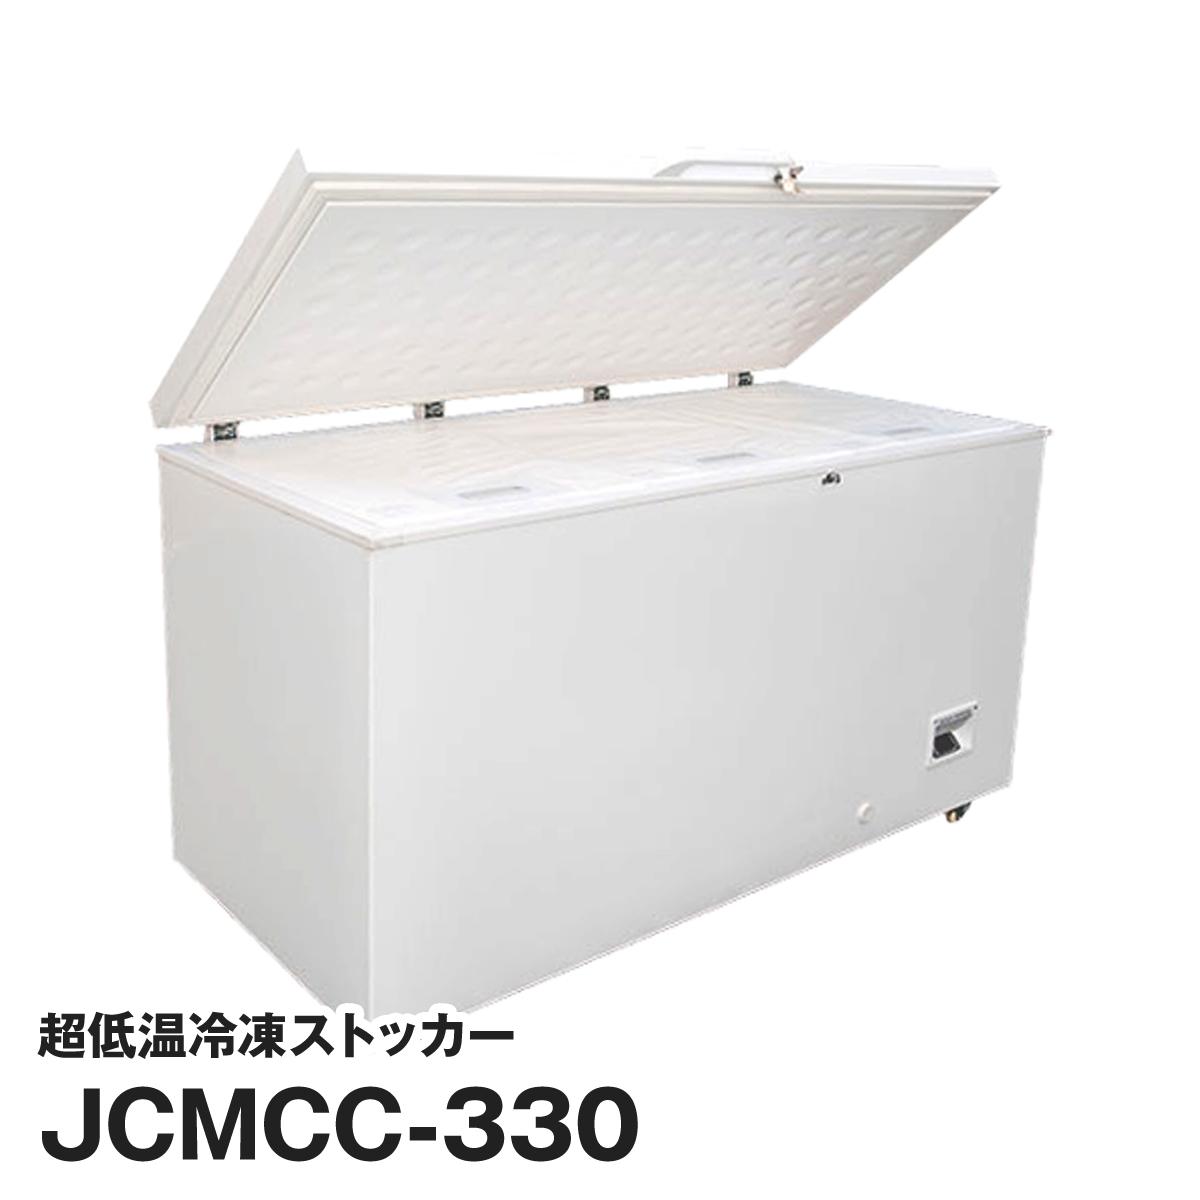 JCM社製 業務用 保冷庫 冷凍庫 332L 超低温冷凍ストッカー JCMCC-330 新品